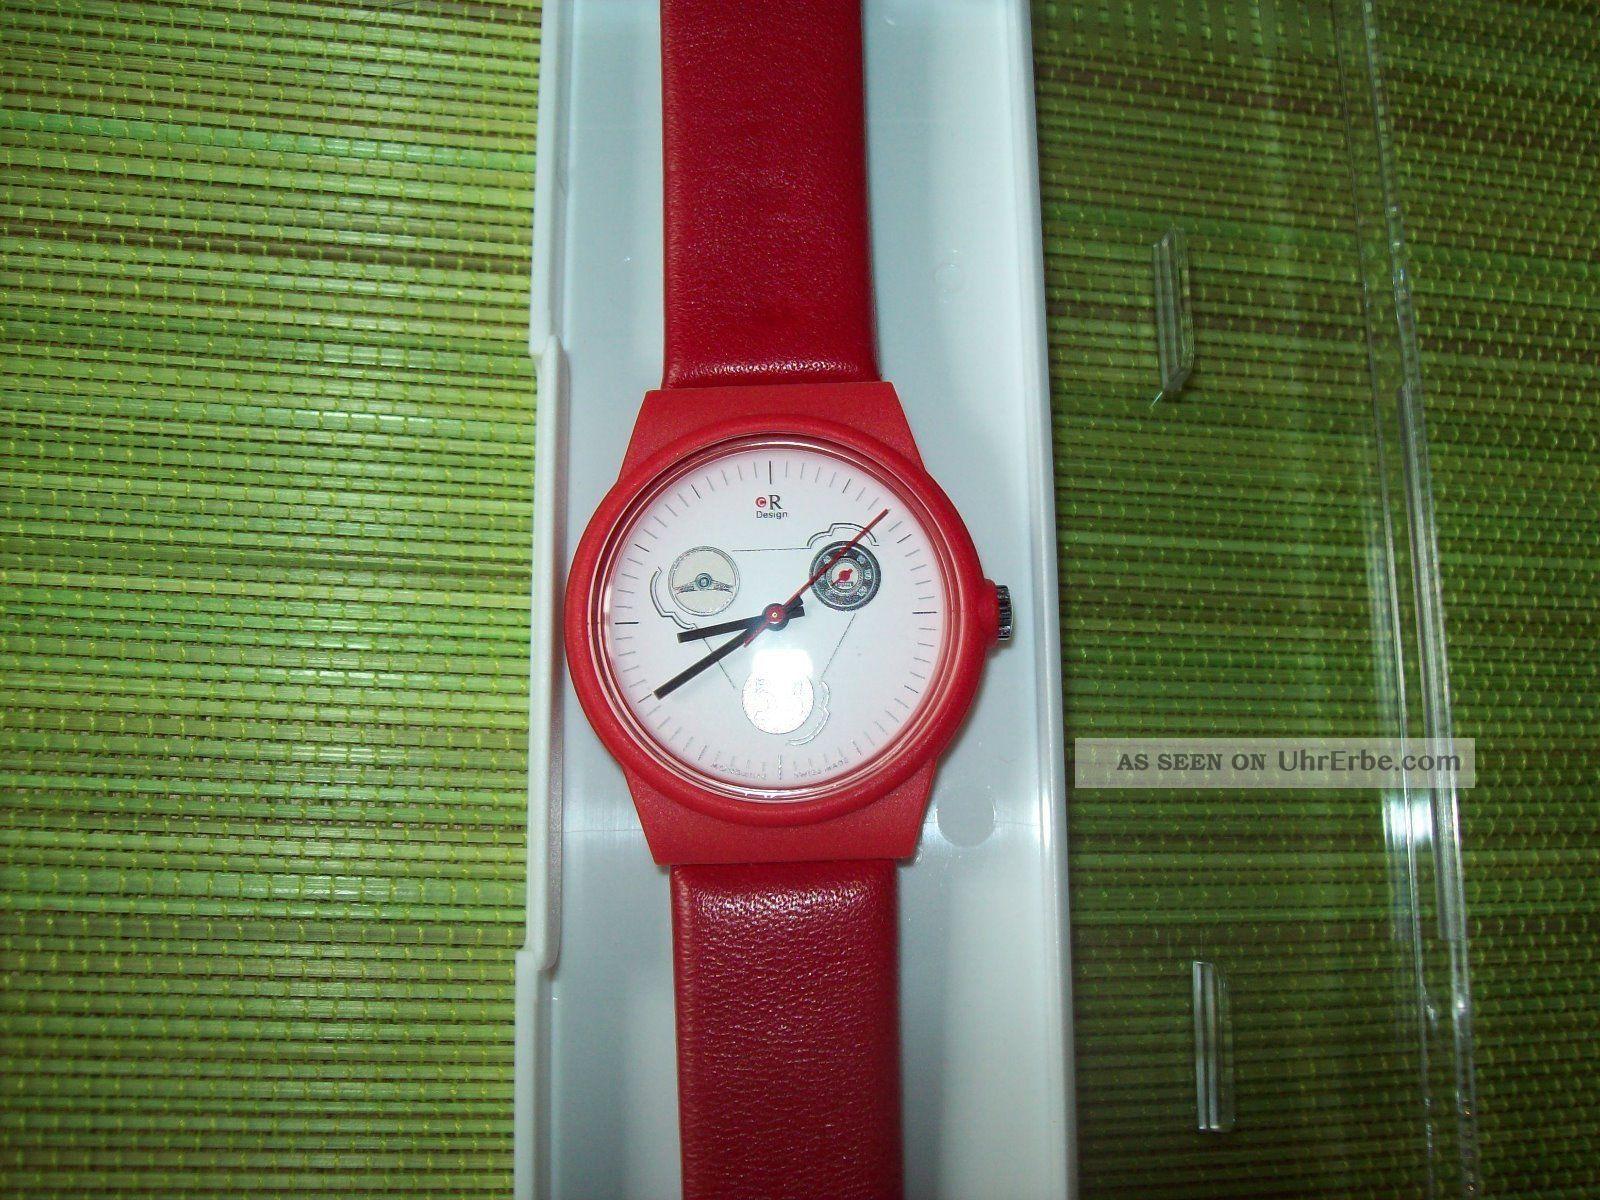 Vw Käfer Uhr - Sammlerstück Von Mondaine (swiss Made) Rot Leder Und Armbanduhren Bild